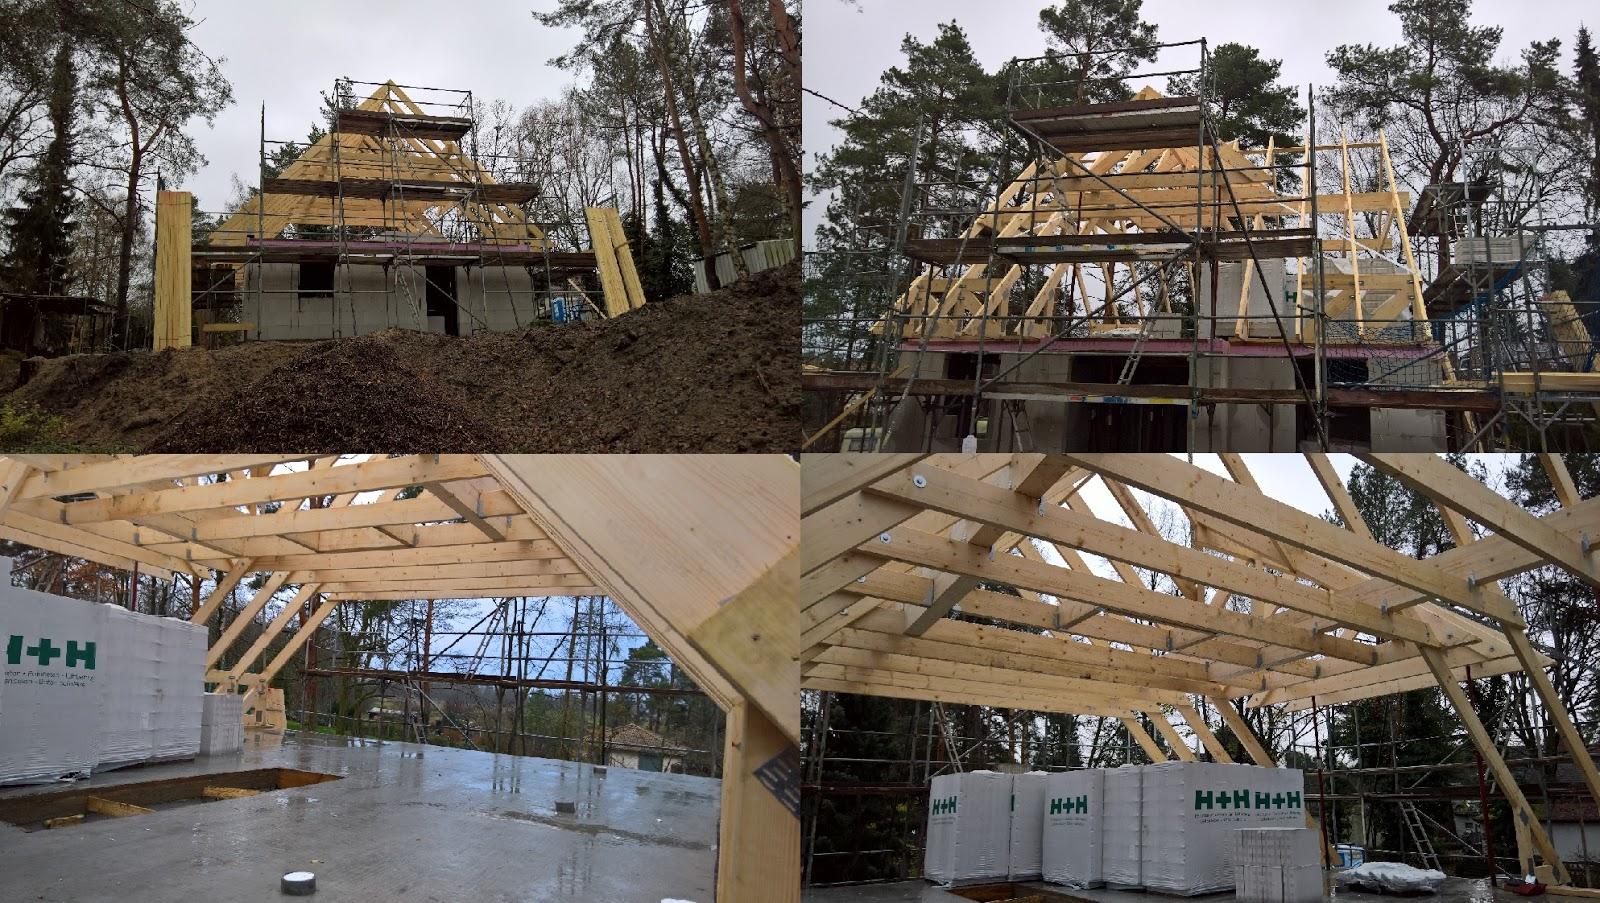 Hausbau in Mahlow: Das Haus nimmt Form an